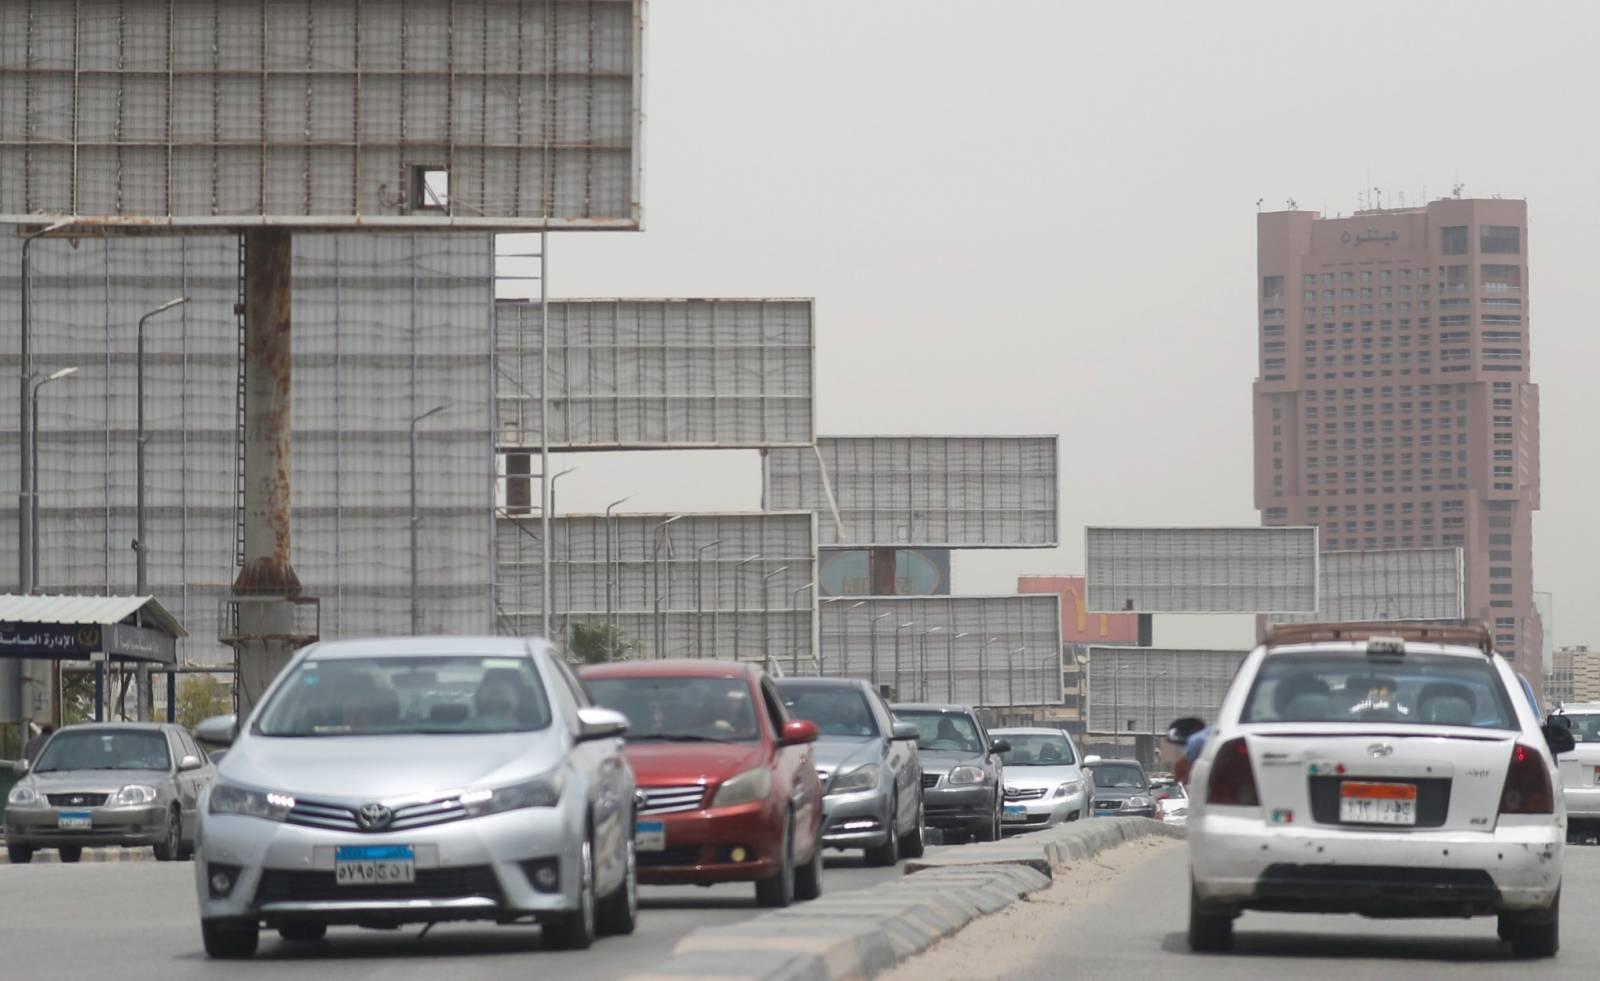 Κάιρο: Τριπλασιάστηκε ο πληθυσμός της πρωτεύουσας των πυραμίδων